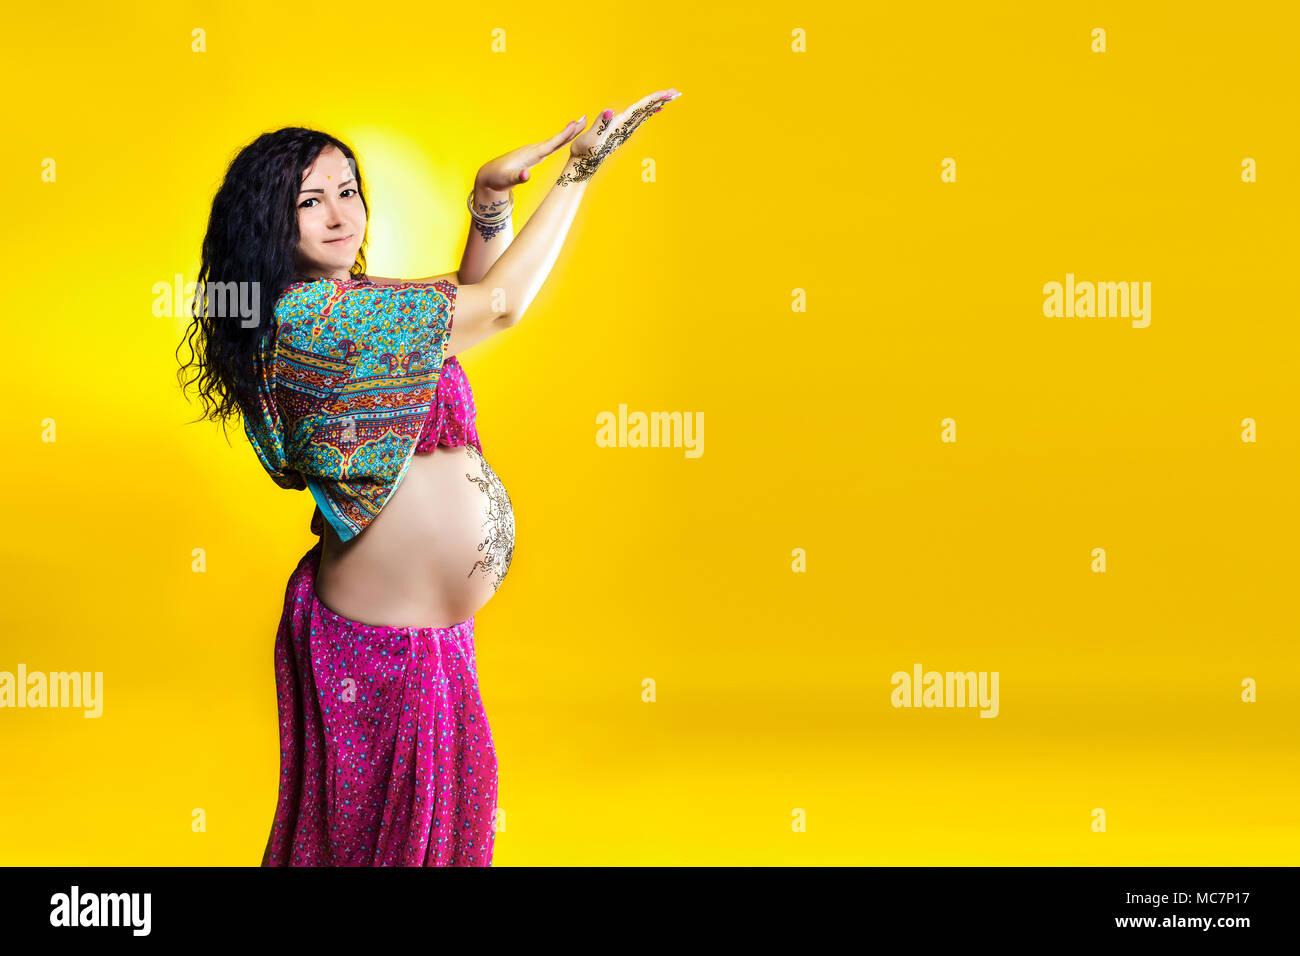 Schwangere Frau in der indischen Sari mit mehendi Henna Tattoo auf dem Bauch gemalt, Spaß Aprilscherze auf gelbem Hintergrund. Stockfoto